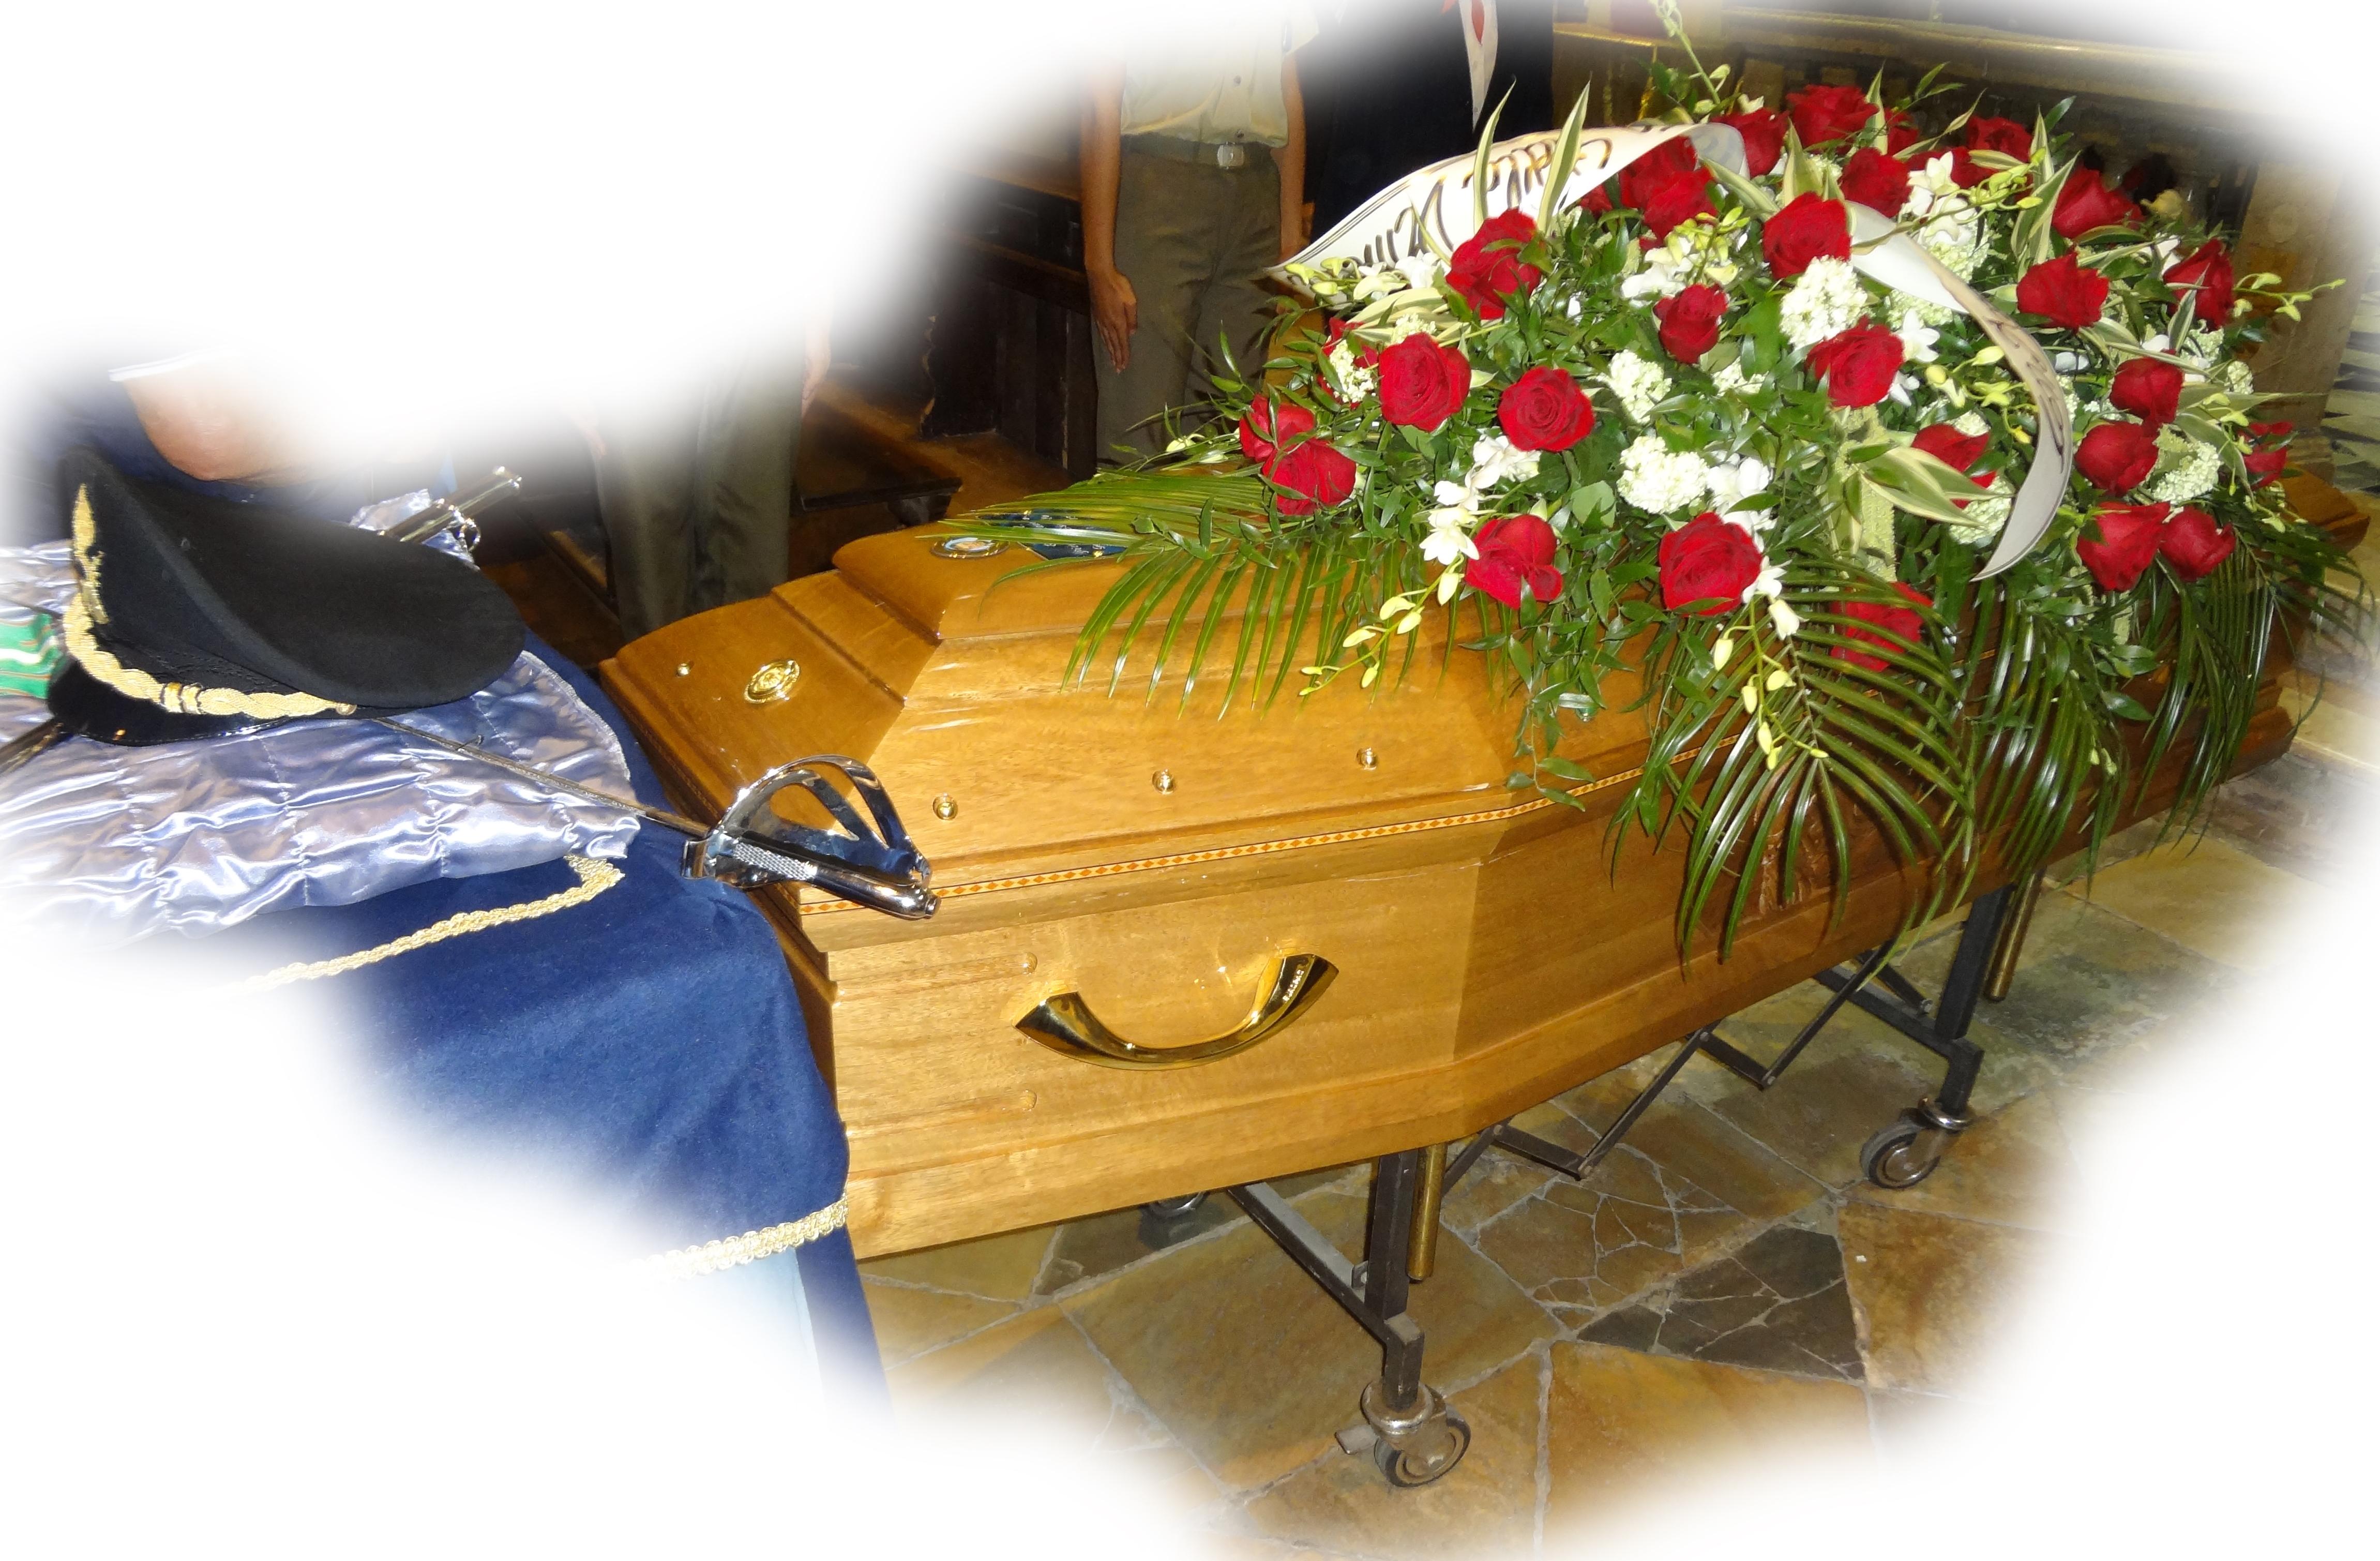 2015-08-28 16:00 | Verolengo (To) - Picchetto d\'onore per il ...